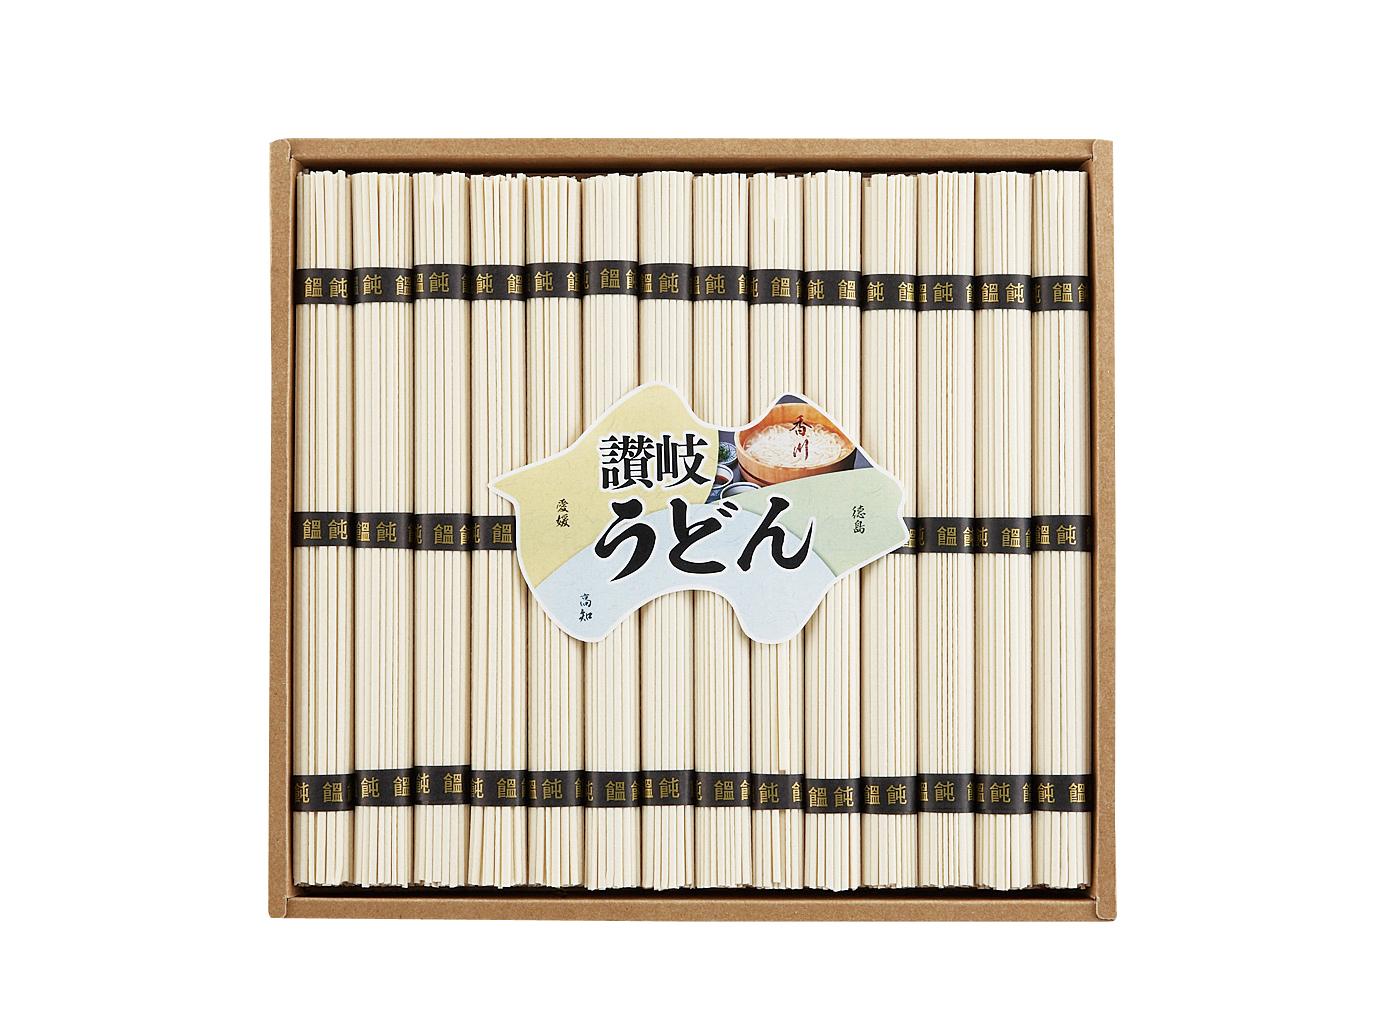 【香川県】讃岐うどん 2.8kg(100g×28束)